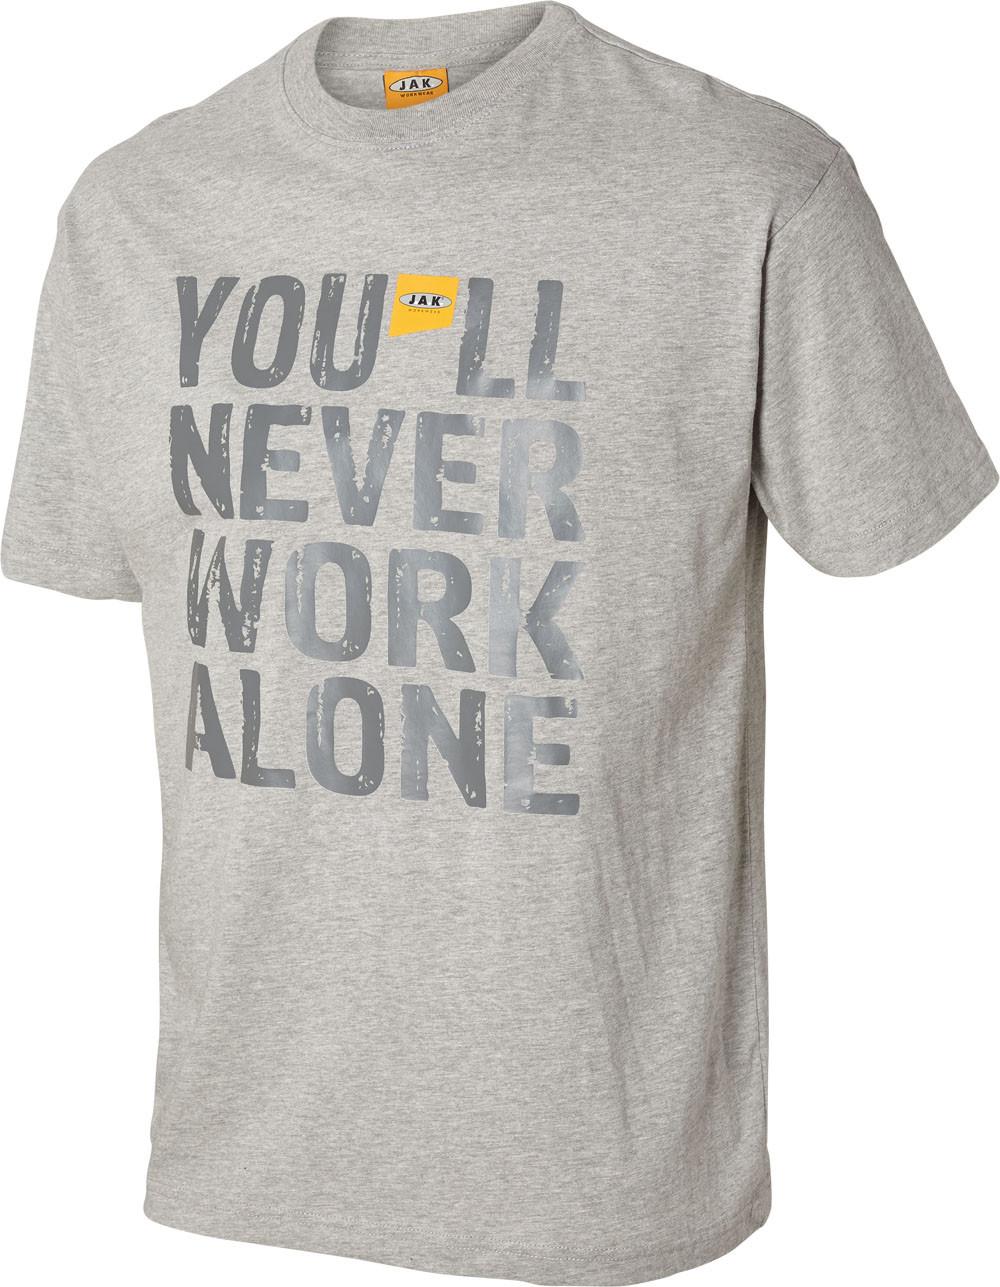 OUTLET - You'll never work alone, T-shirt, 8504 - Grå Melange